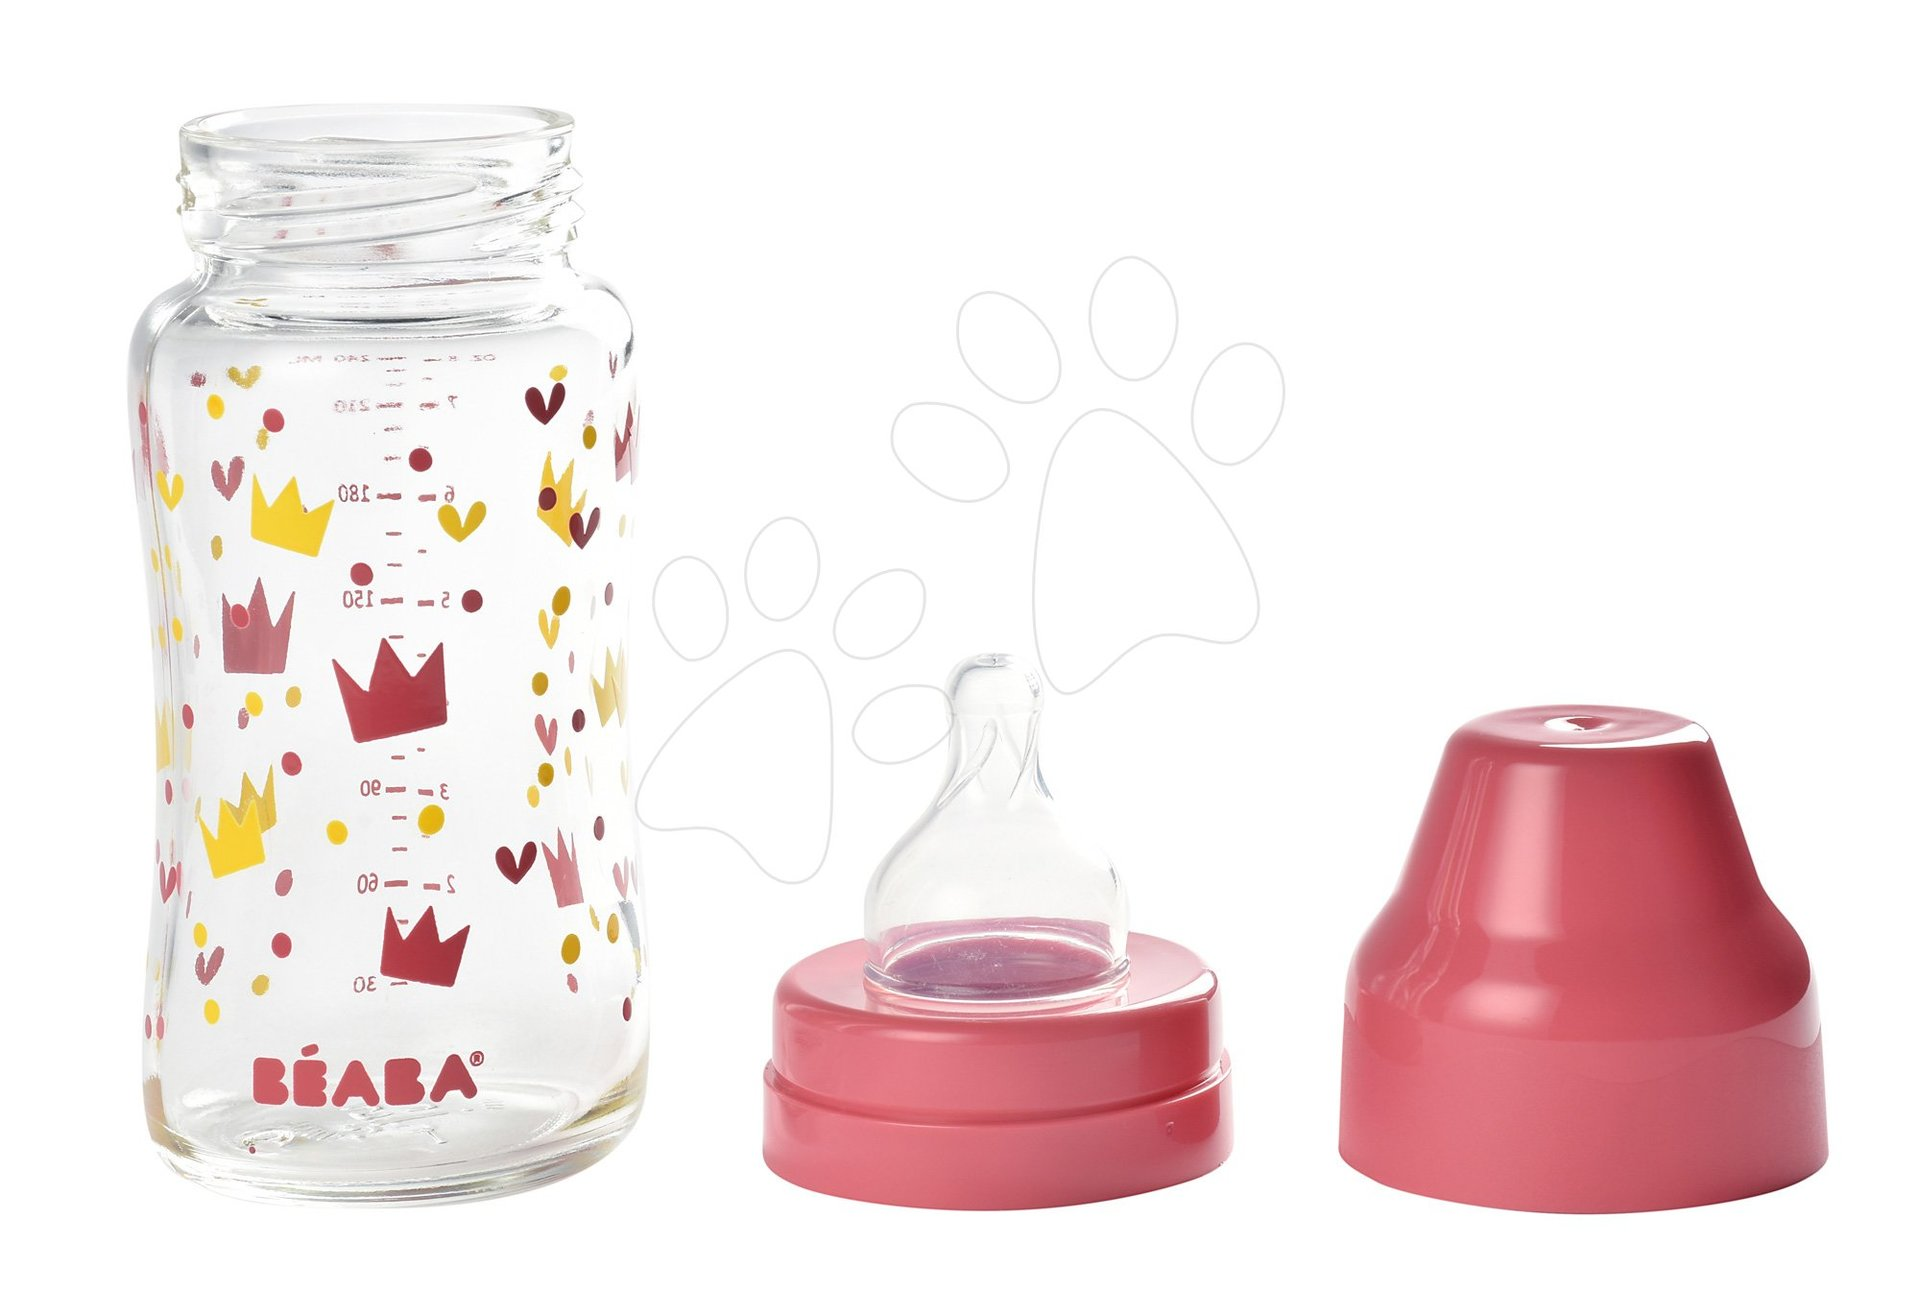 Beaba dojčenská sklenená fľaša Crown 240 ml so širokým hrdlom 911654 ružová